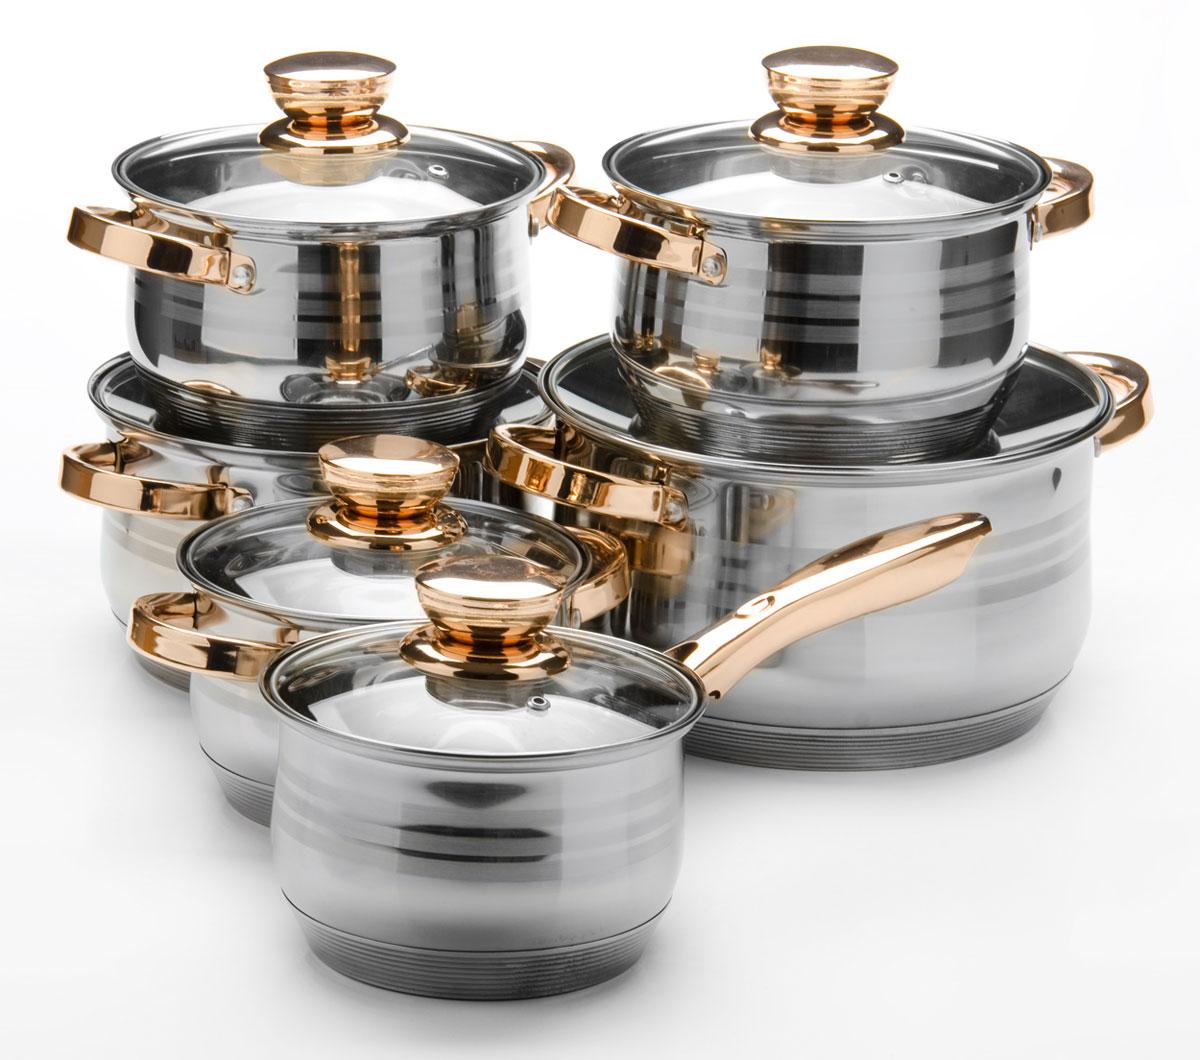 Набор посуды Mayer & Boch, 12 предметов. 2603626036Набор посуды станет отличным дополнением к набору кухонной утвари. С его приобретением приготовление ваших любимых блюд перейдет на качественно новый уровень и вы сможете воплотить в жизнь любые кулинарные идеи. В комплект входят 12 предметов: сотейник (объем 2,1 л), 3 кастрюли (объем 2,1, 3,9, 6,6 л) и 2 кастрюли (объем 2,9 л), 6 крышек. Набор многофункционален и удобен в использовании, подойдет для варки супов, приготовления блюд из мяса и рыбы, гарниров, соусов т. д.